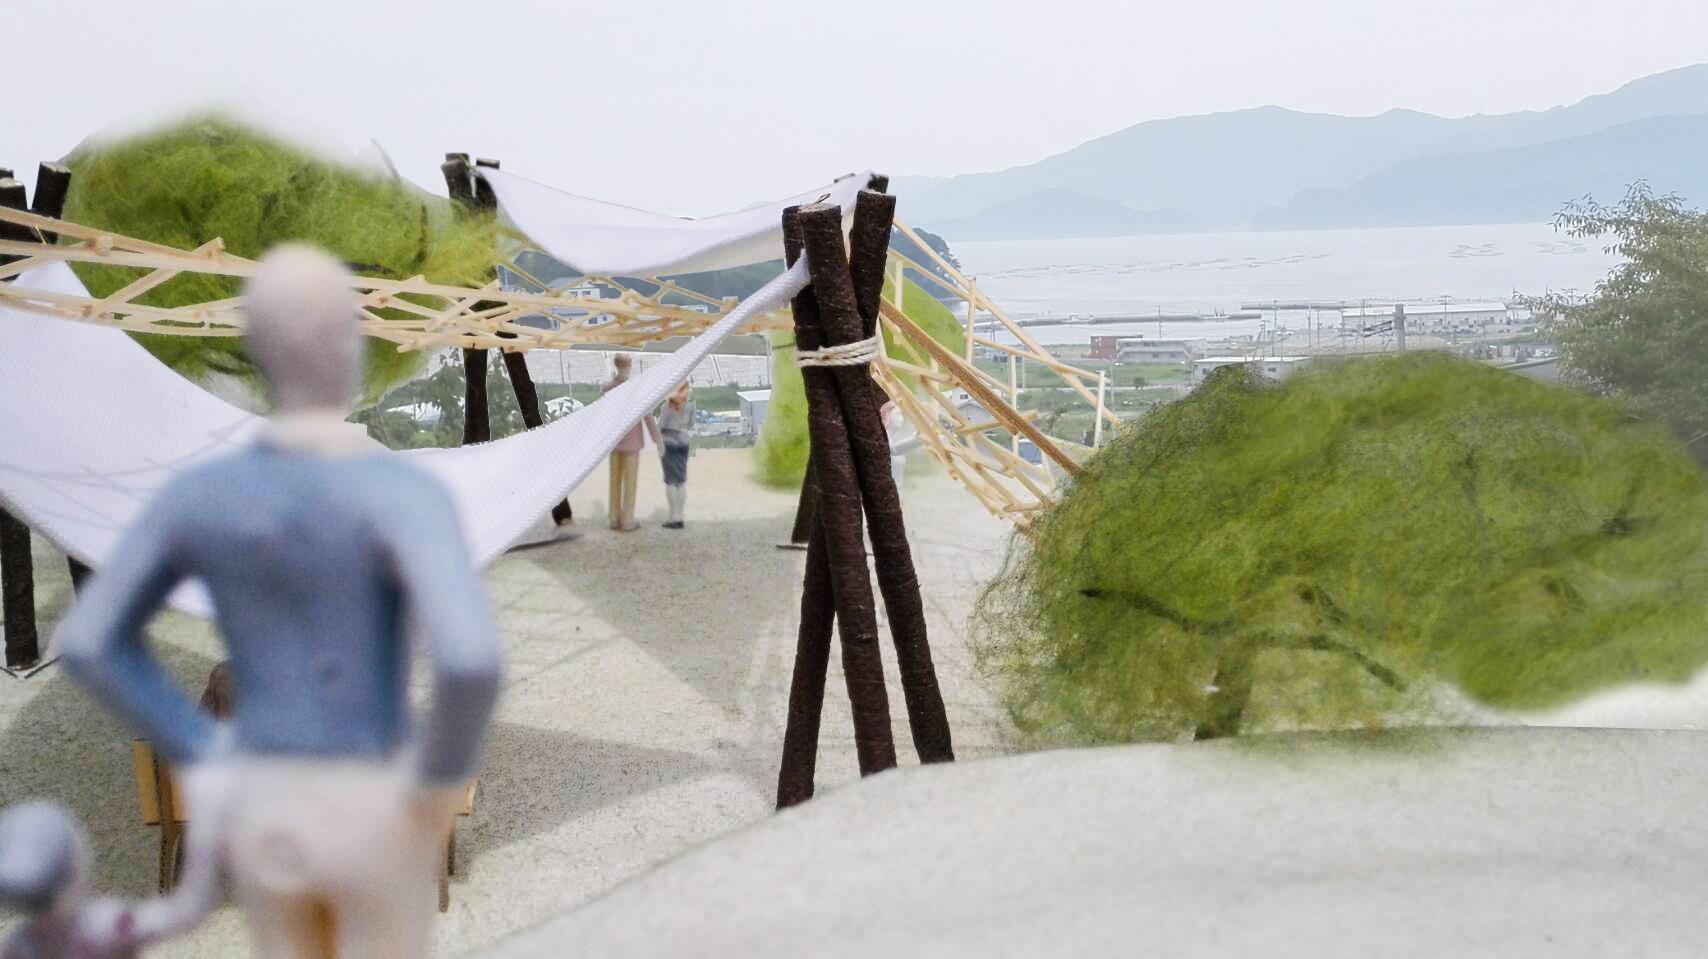 芝浦工業大学の学生団体が岩手県陸前高田市に東屋を建設中~津波から逃れた丘陵地を防災・コミュニティ拠点としてデザイン~